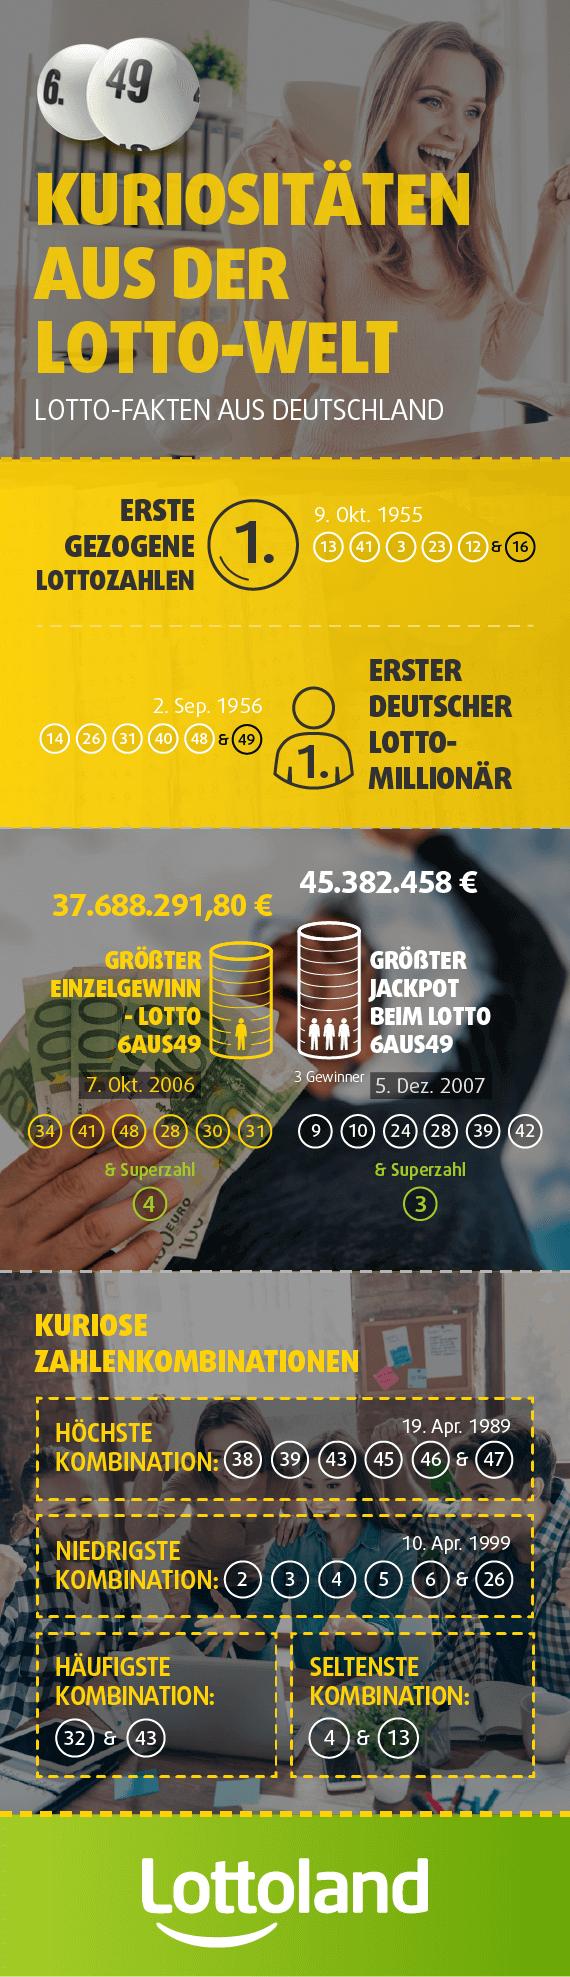 Kuriositäten aus der Lotto-Welt